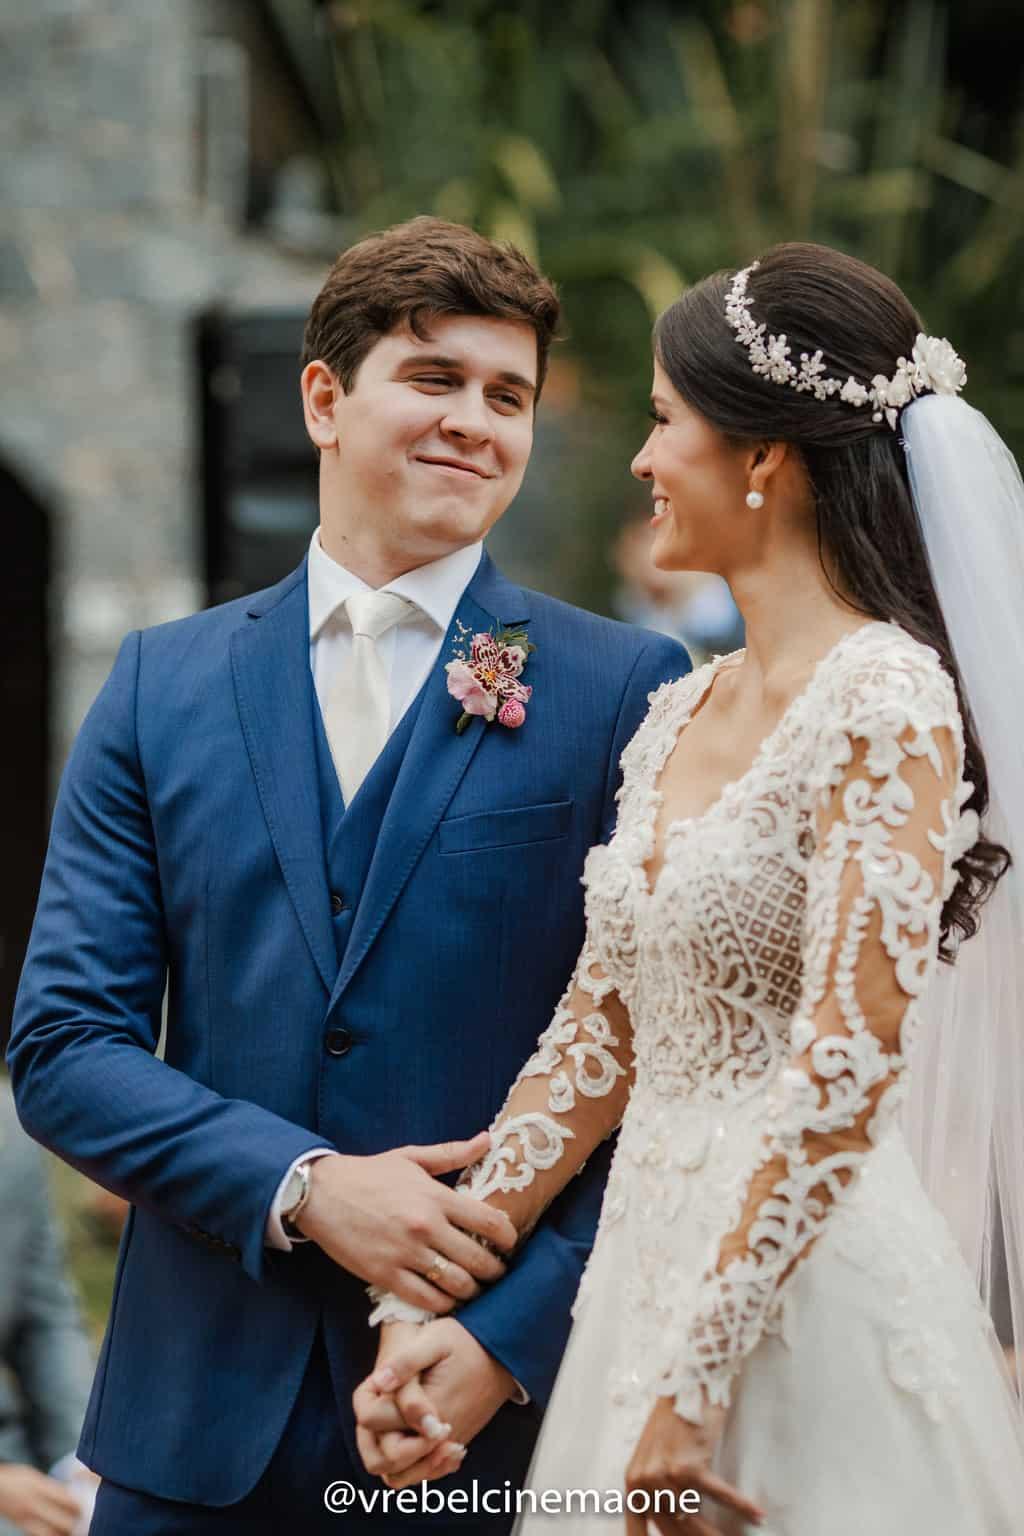 IMG_Publicado-Casamento-Beatriz-e-Joao-VRebel1277